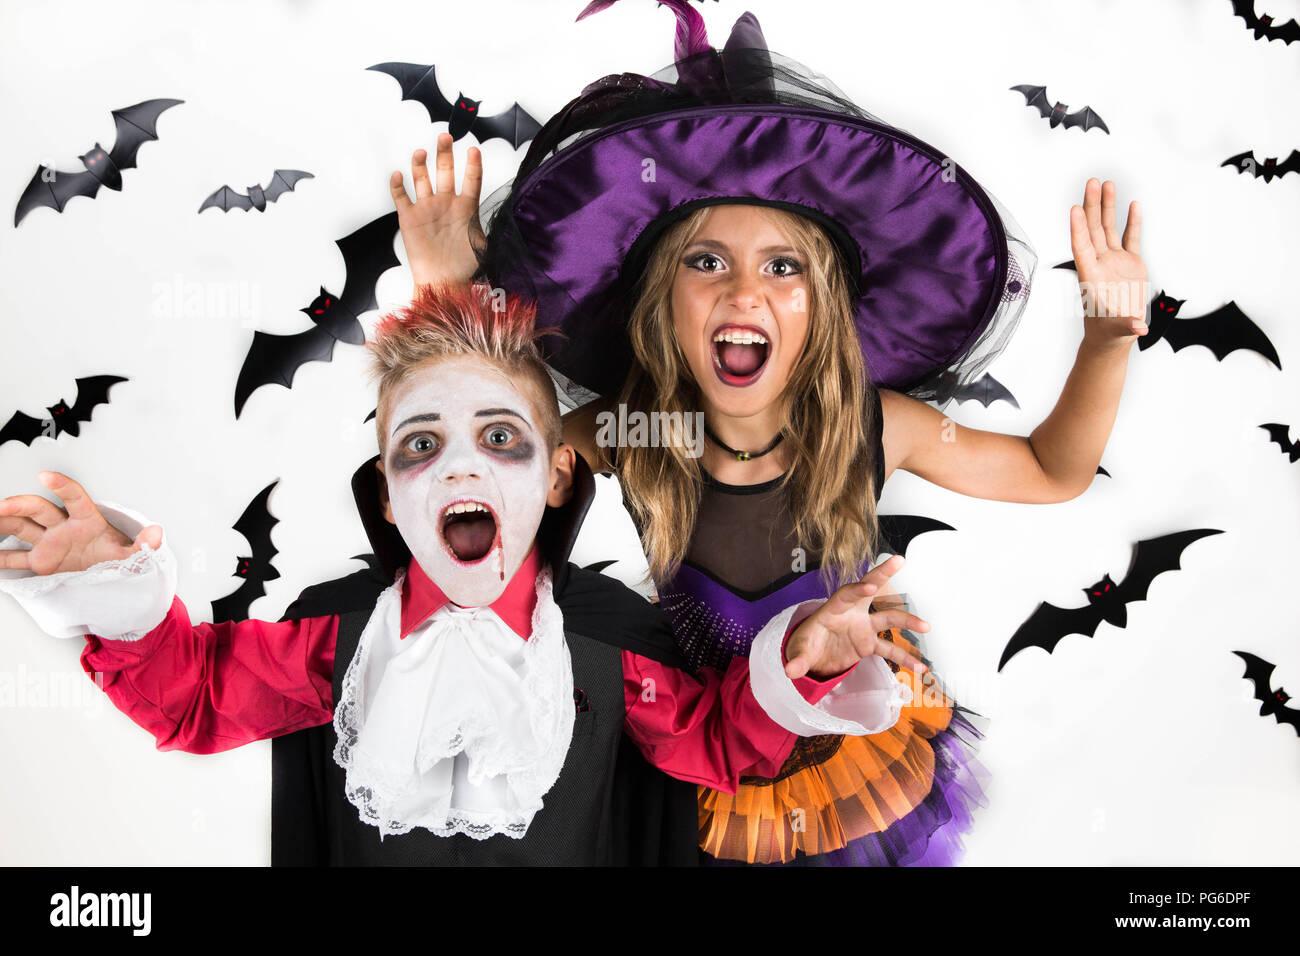 Dolcetto o scherzetto? Kids spaventare le persone nella notte di Halloween per guadagnare caramelle secondo la tradizione della vacanza Immagini Stock